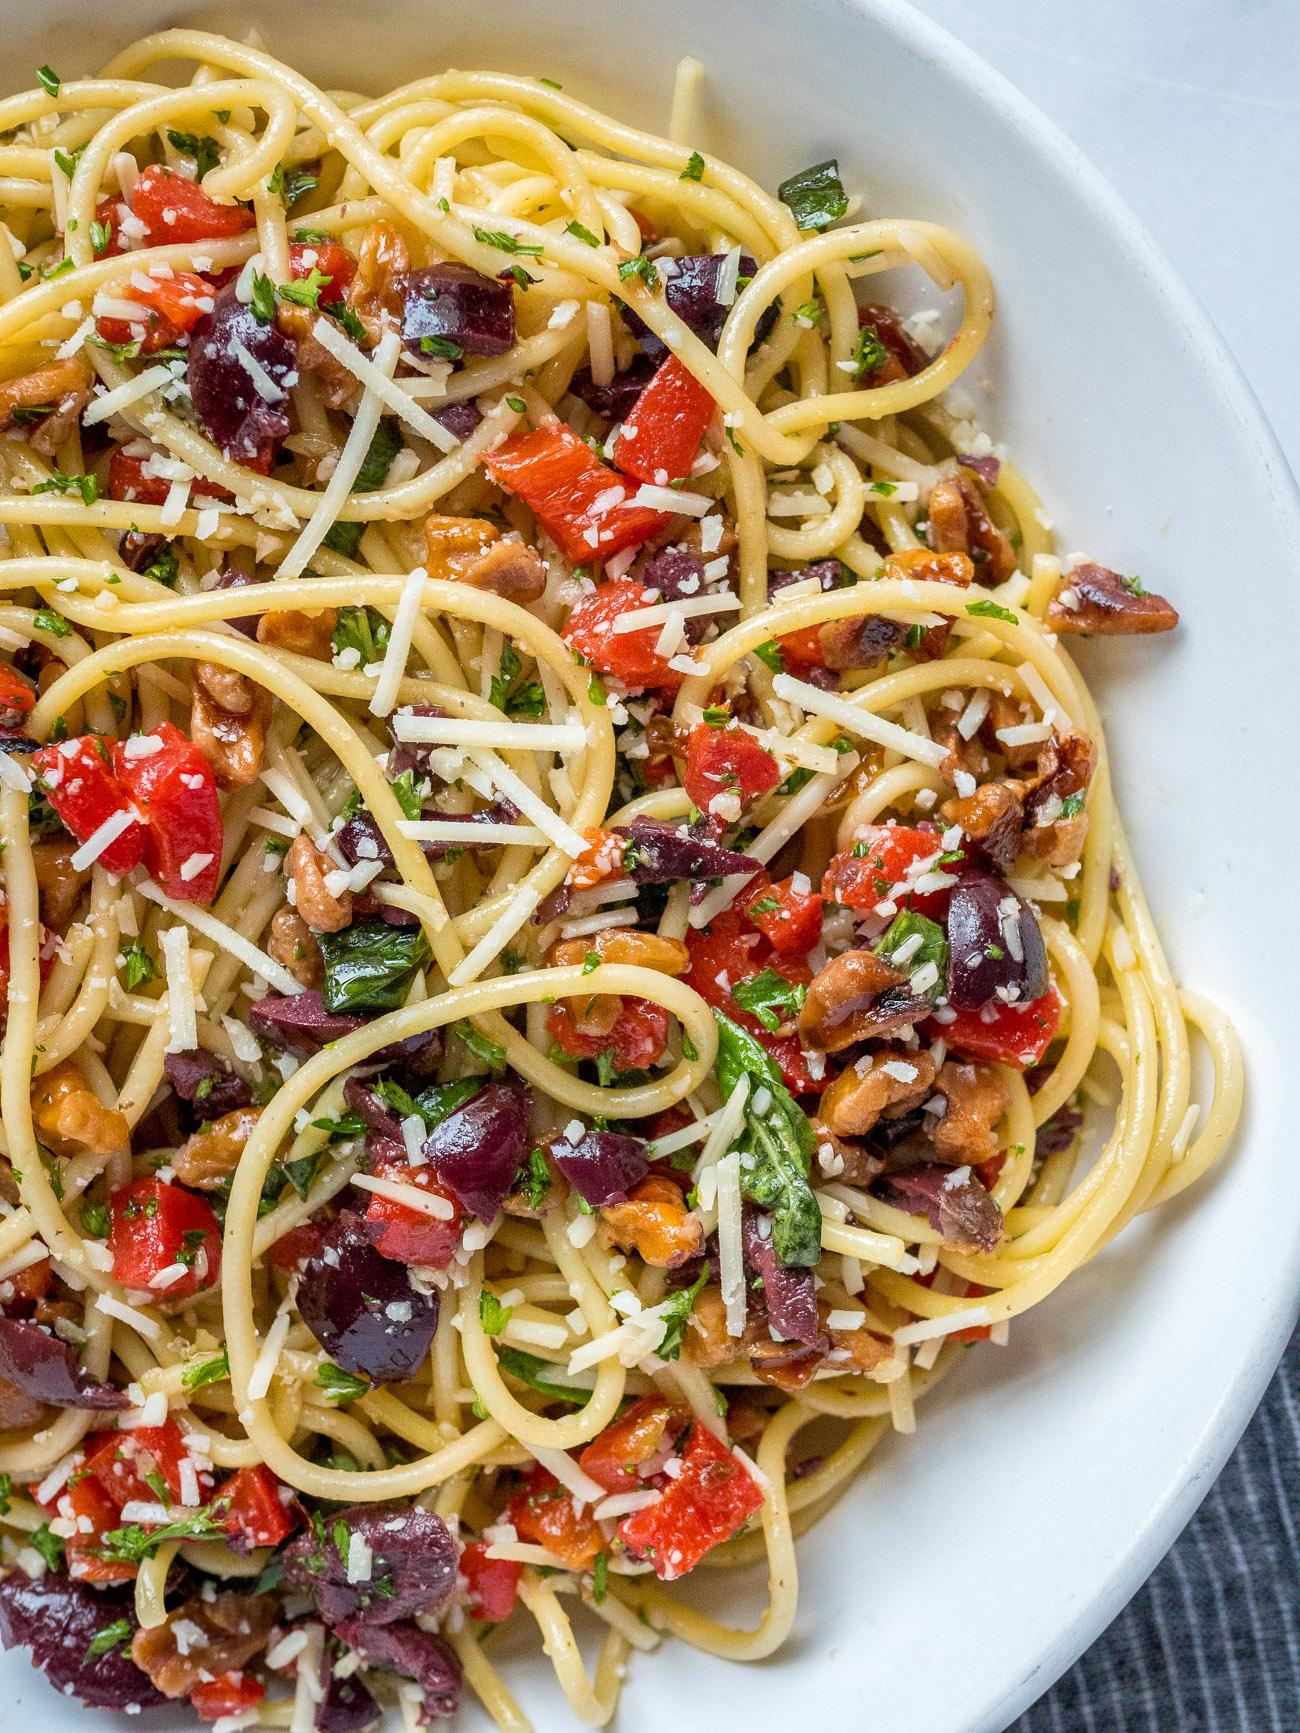 Julia Child's Spaghetti Marco Polo